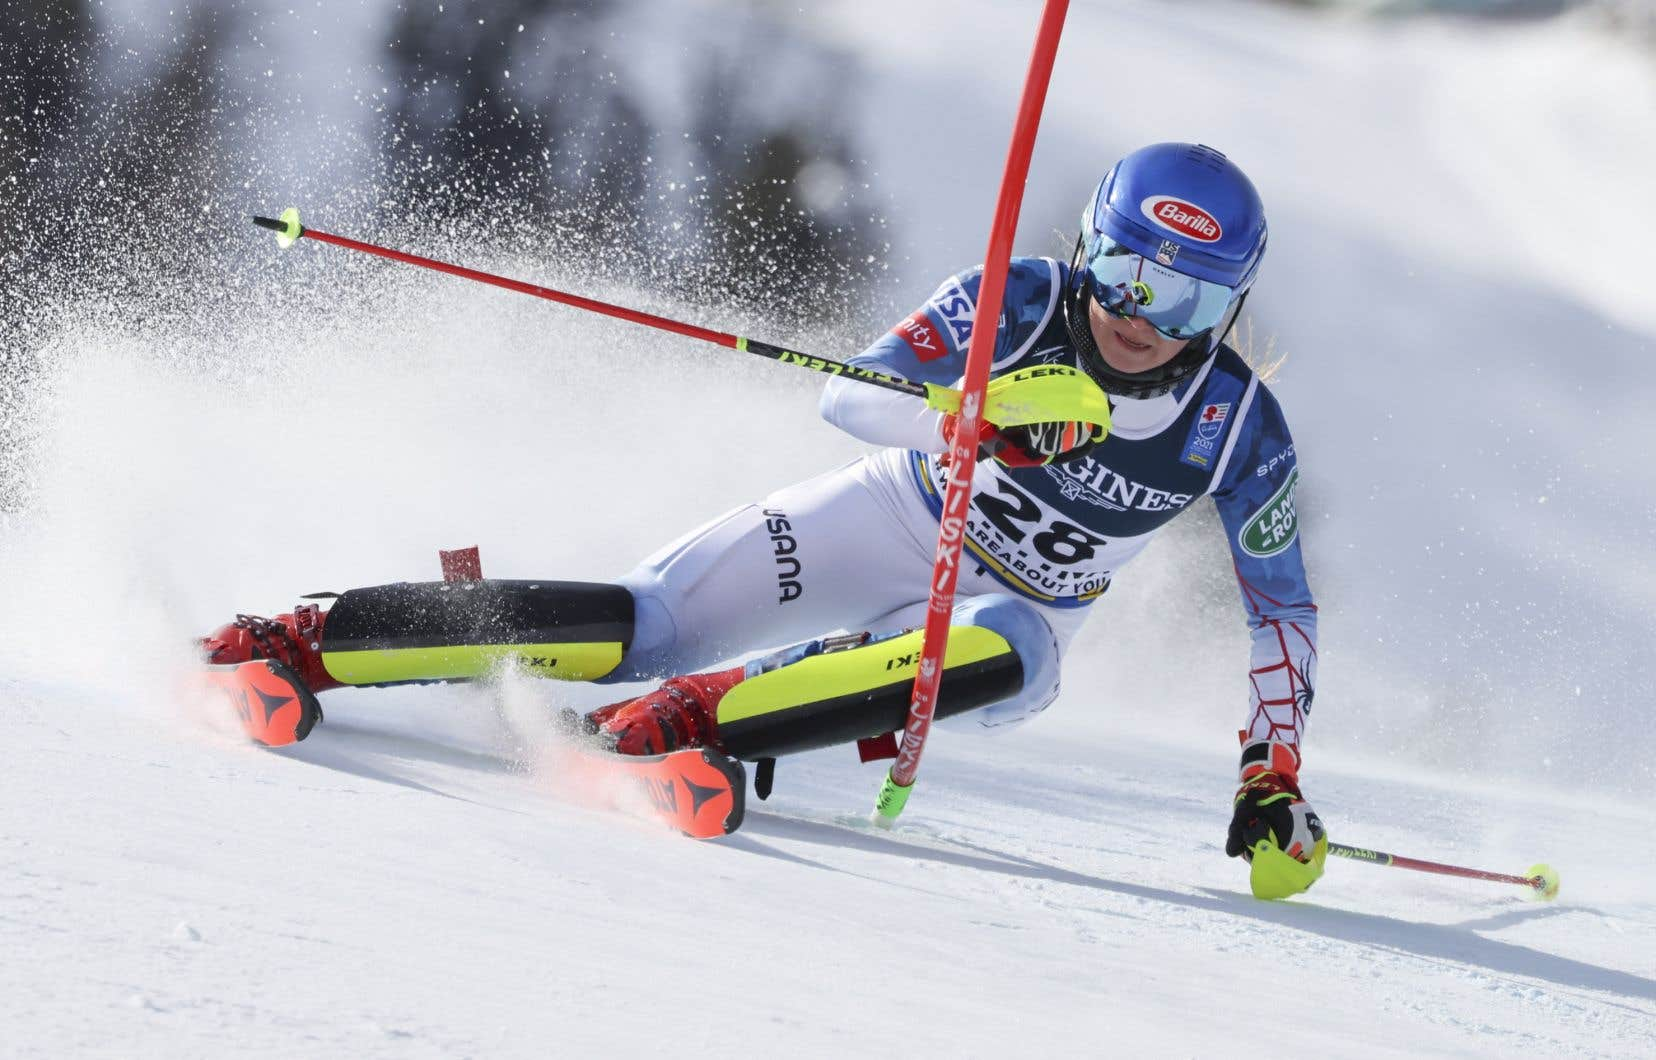 L'Américaine Mikaela Shiffrin dominé le combiné des Mondiaux de Cortina d'Ampezzo en Italie, lundi, eta décroché à seulement 25ans un 6etitre et une 9emédaille mondiale.Sur cette photo, elle prend part à l'épreuve de slalom.